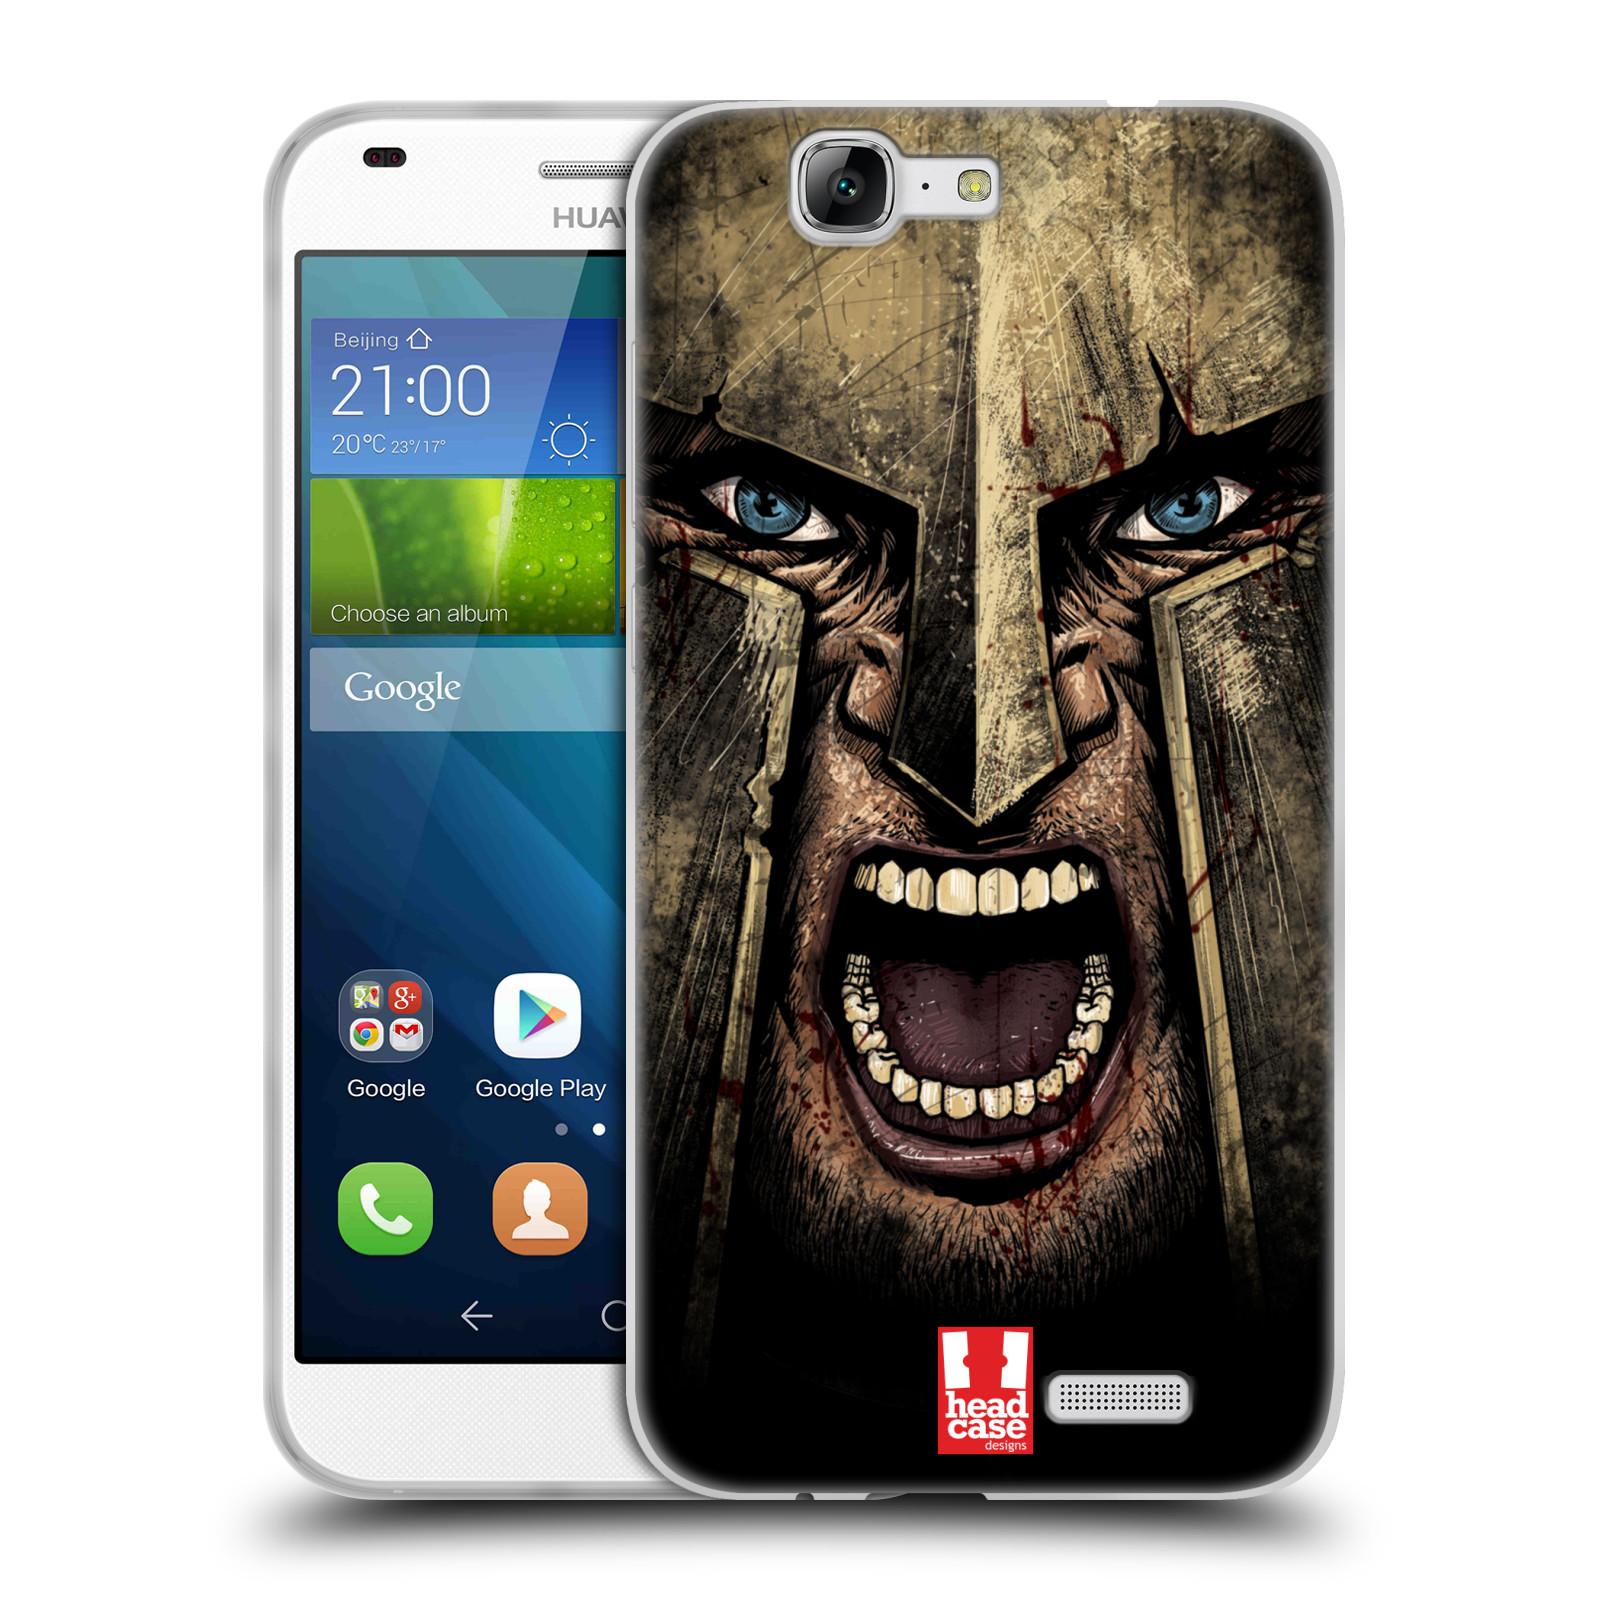 Silikonové pouzdro na mobil Huawei Ascend G7 - Head Case - Řvoucí válečník